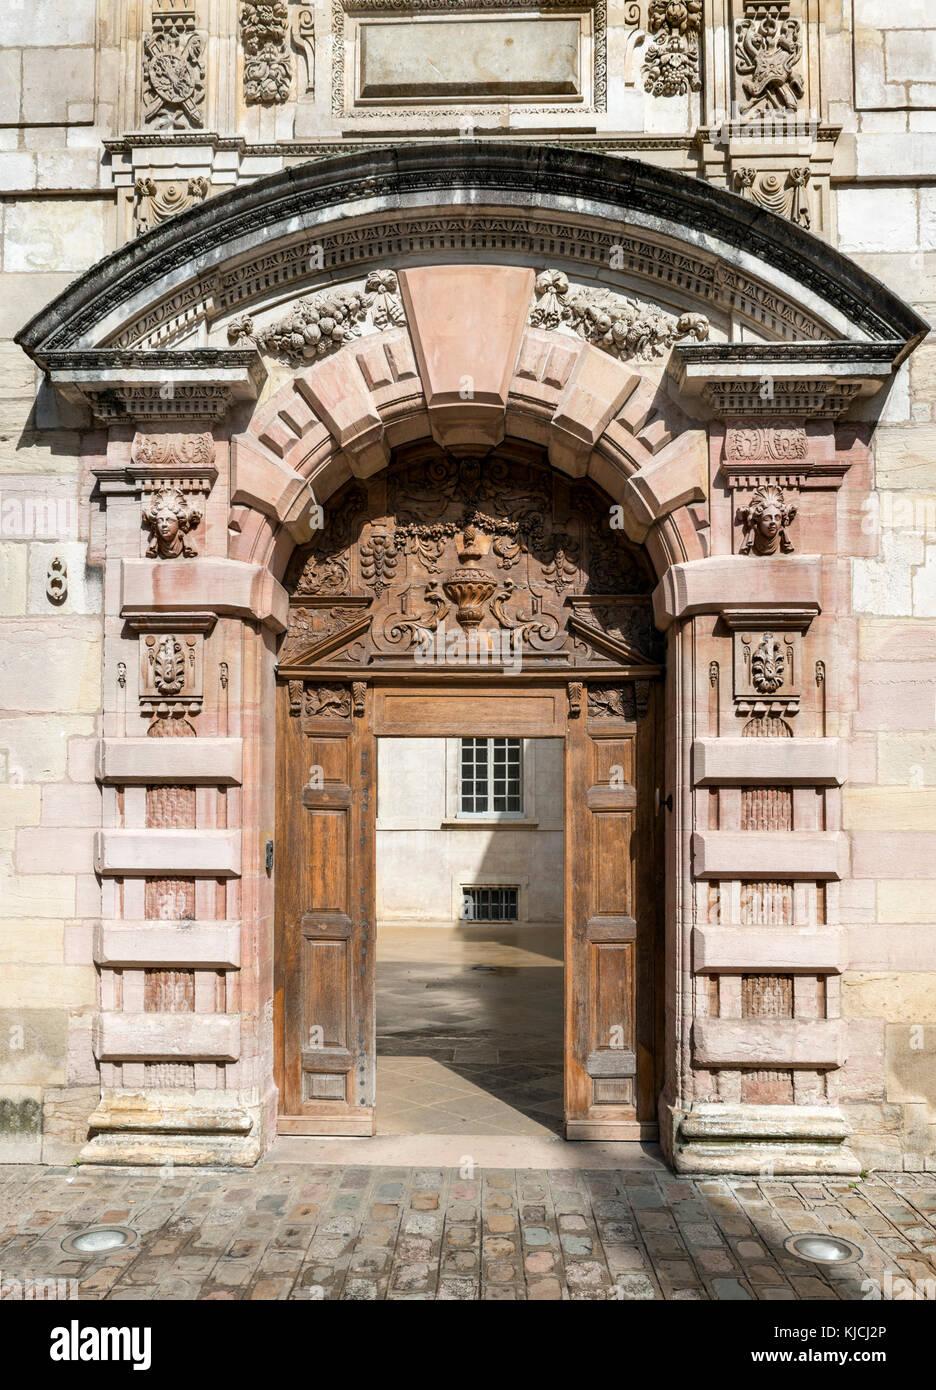 Porte sculptée du 17thc Hotel de vogue sur la Rue de la Chouette, quartier Notre Dame, Dijon, Côte-d'Or, Photo Stock